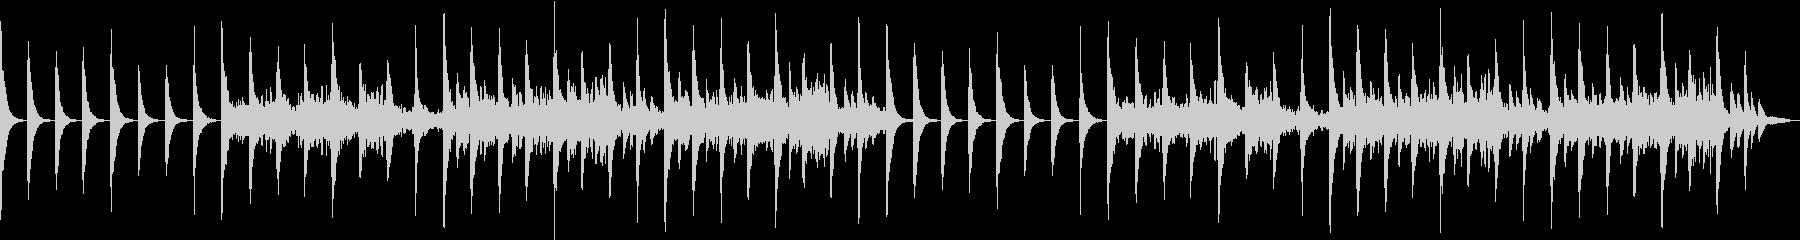 ピアノの心地良い音楽の未再生の波形